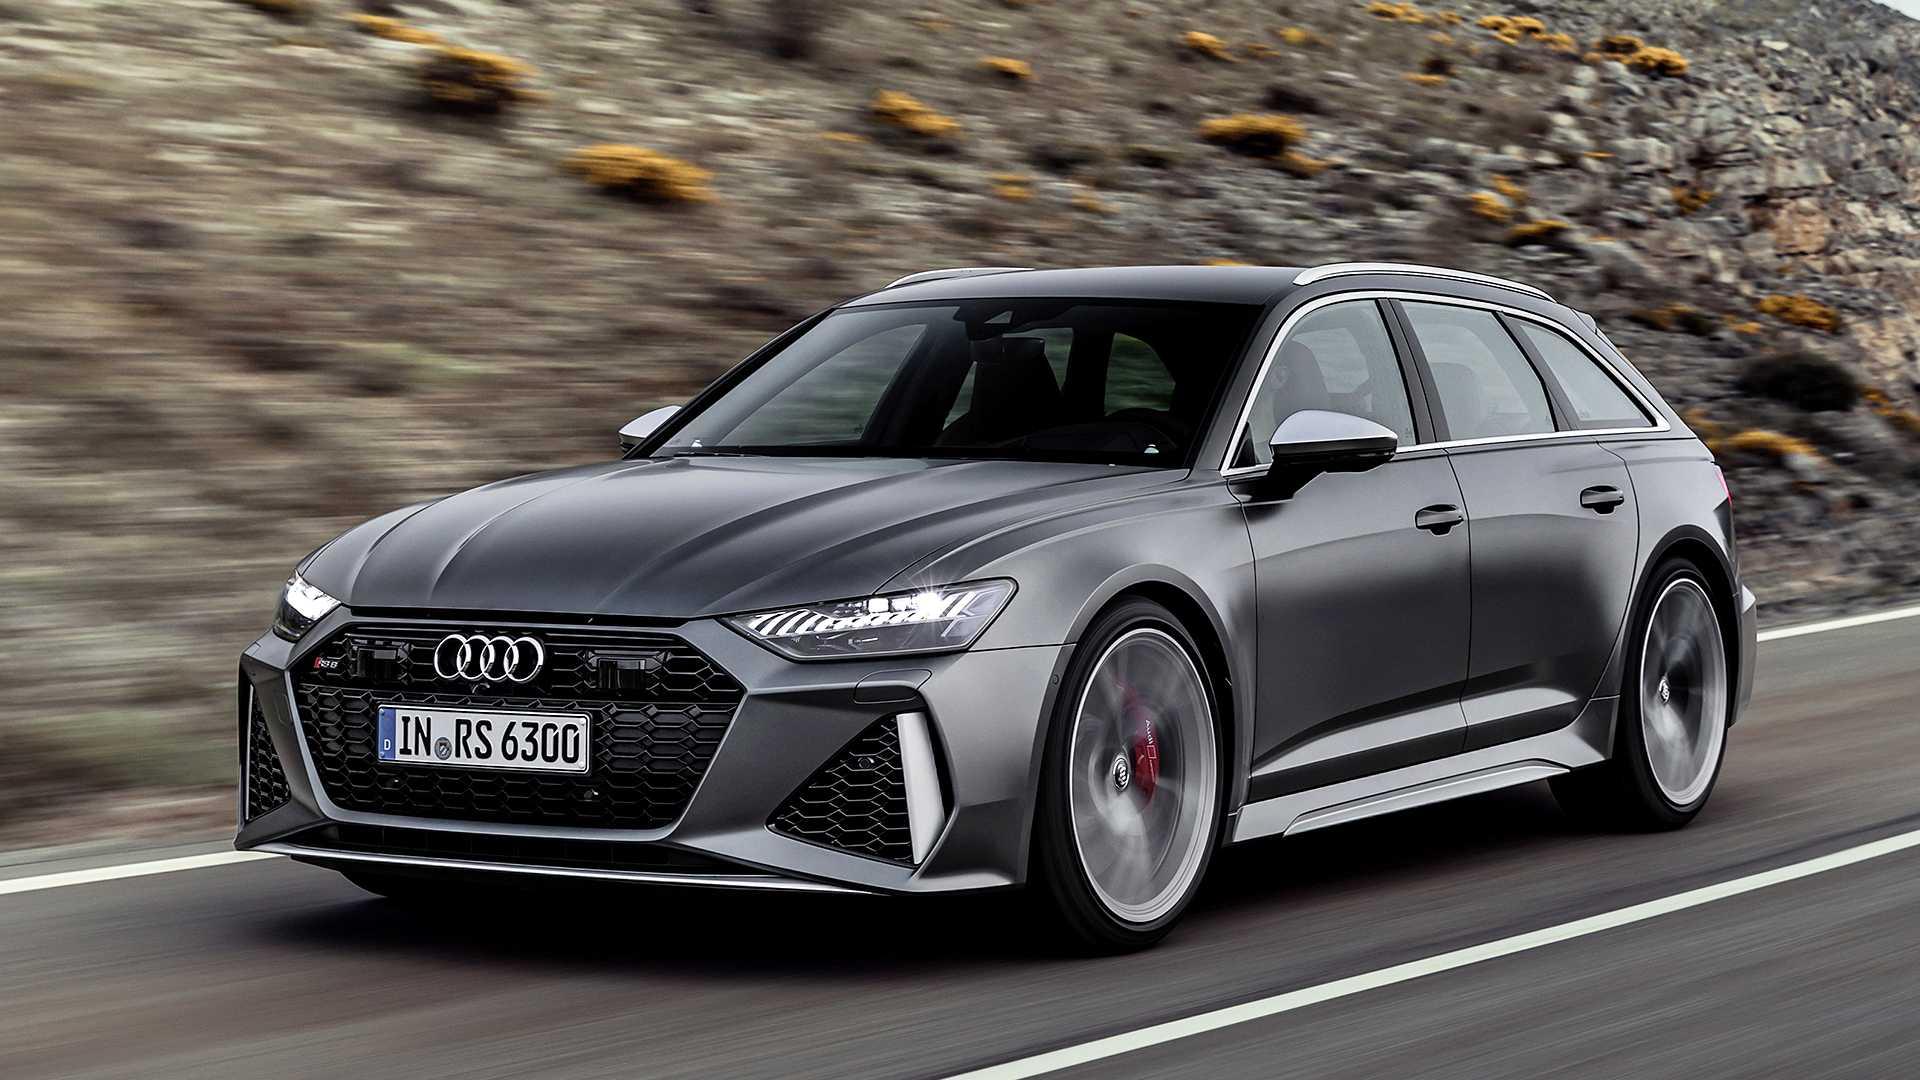 Audi RS6 Avant lần đầu ra mắt tại Mỹ kỷ niệm 25 năm dòng xe RS của Audi - 7